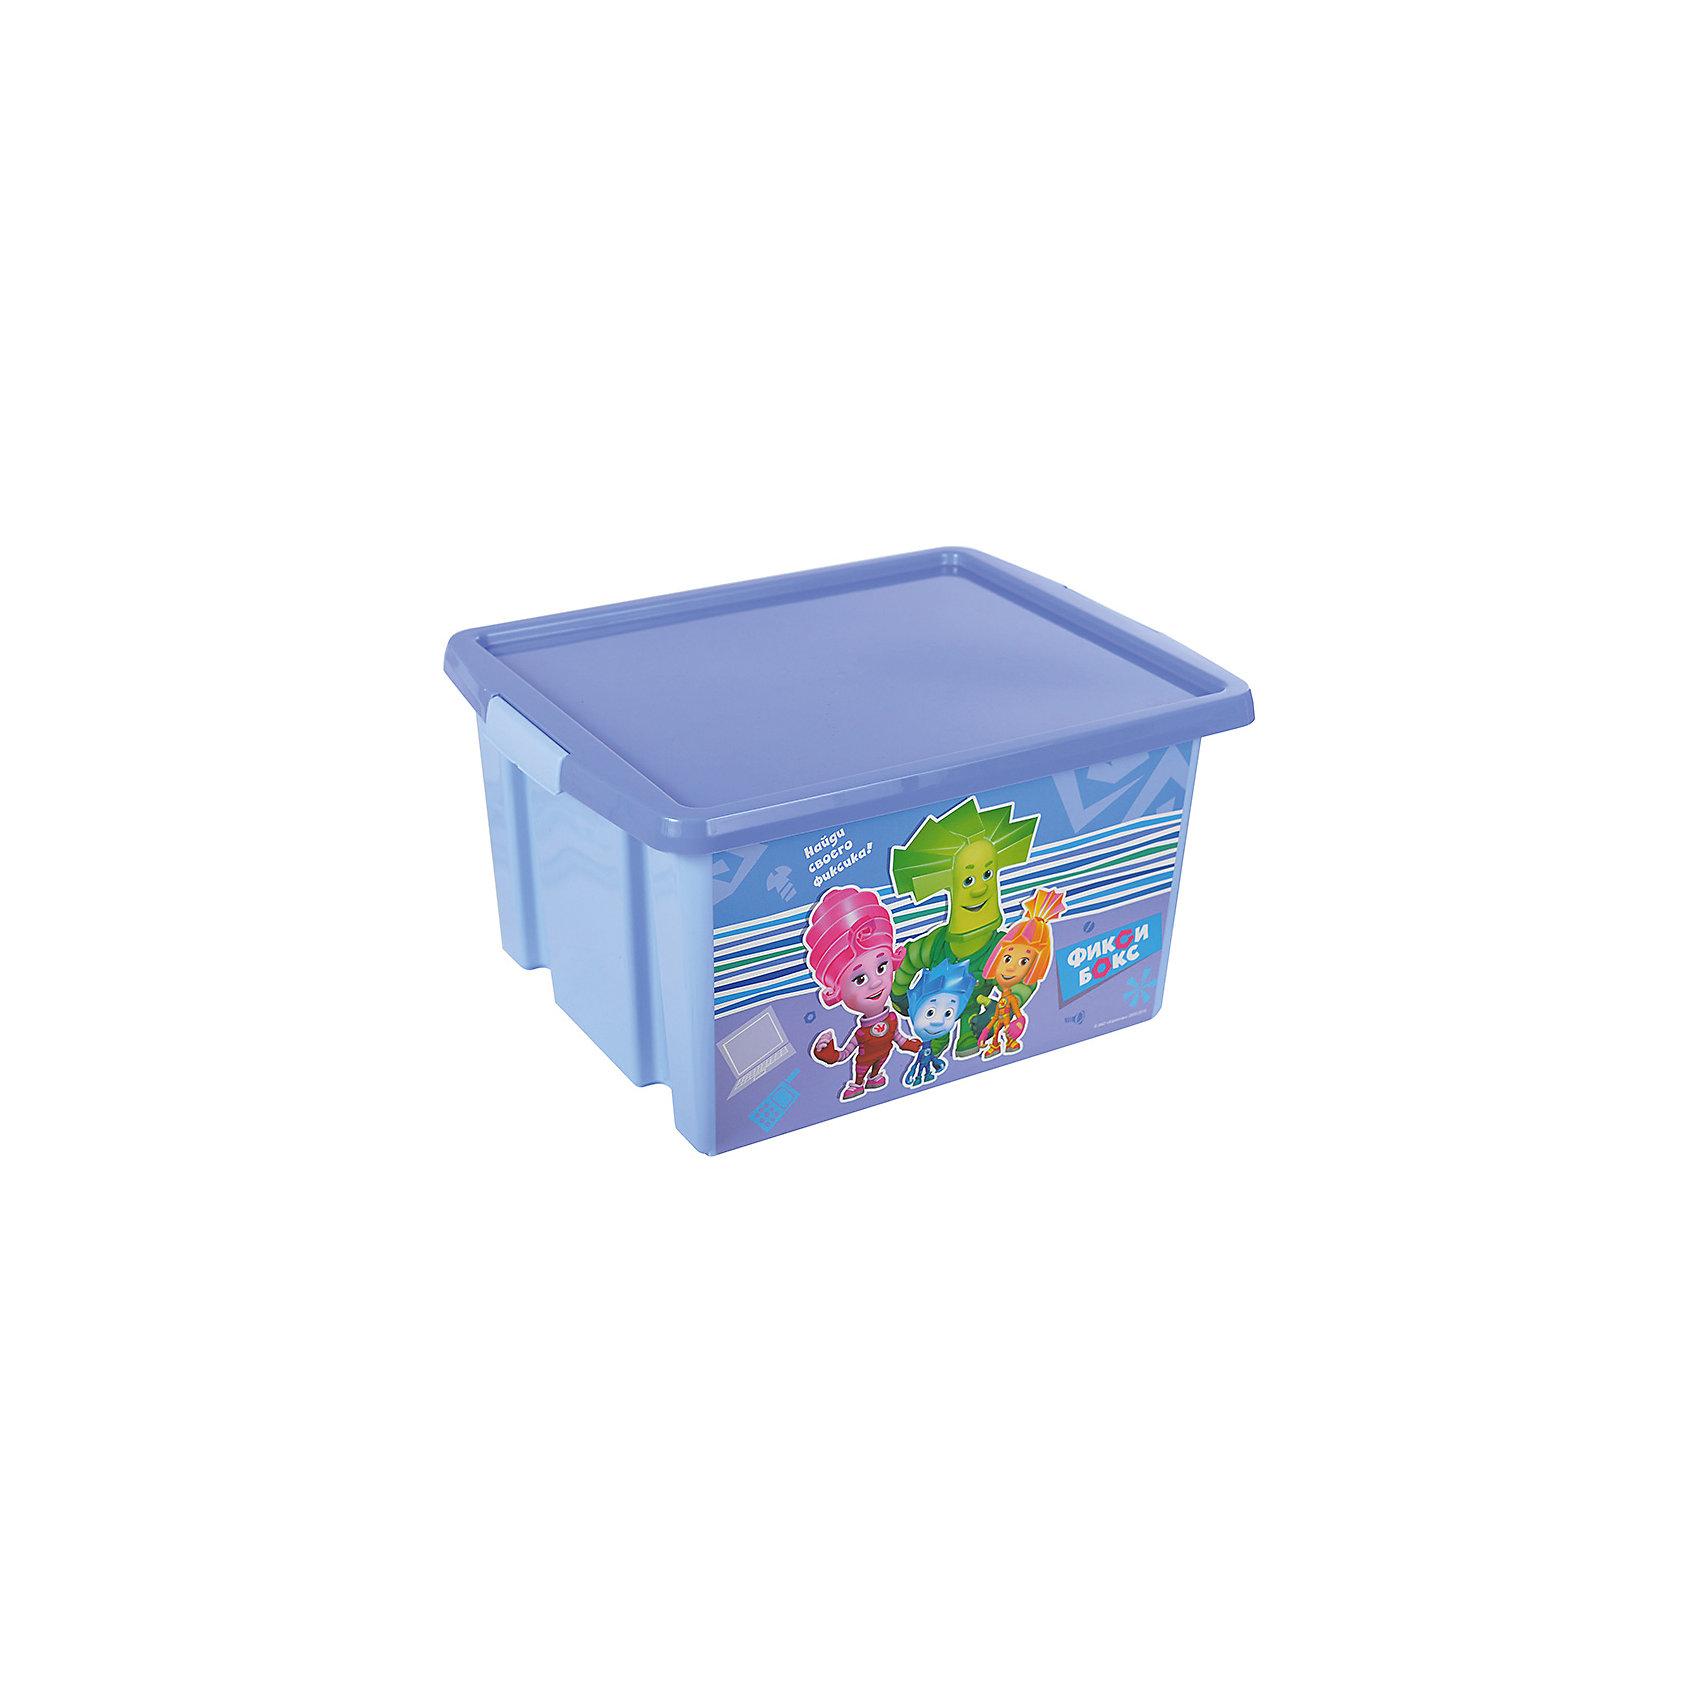 Ящик для игрушек Фиксики, 30 л, голубойЯркий и удобный ящик с изображениями любимых героев обязательно понравится детям и приучит их к порядку. Ведь убирать вещи и игрушки в такой контейнер - одно удовольствие! Вместительный ящик выполнен из высококачественного прочного пластика безопасного для детей. <br><br>Дополнительная информация:<br><br>- Материал: пластик.<br>- Размер: 47х37х25 см.<br>- Объем: 30 л.<br><br>Ящик для игрушек Фиксики, голубой, 30 л, можно купить в нашем магазине.<br><br>Ширина мм: 9999<br>Глубина мм: 9999<br>Высота мм: 9999<br>Вес г: 300<br>Возраст от месяцев: 12<br>Возраст до месяцев: 120<br>Пол: Унисекс<br>Возраст: Детский<br>SKU: 4718458